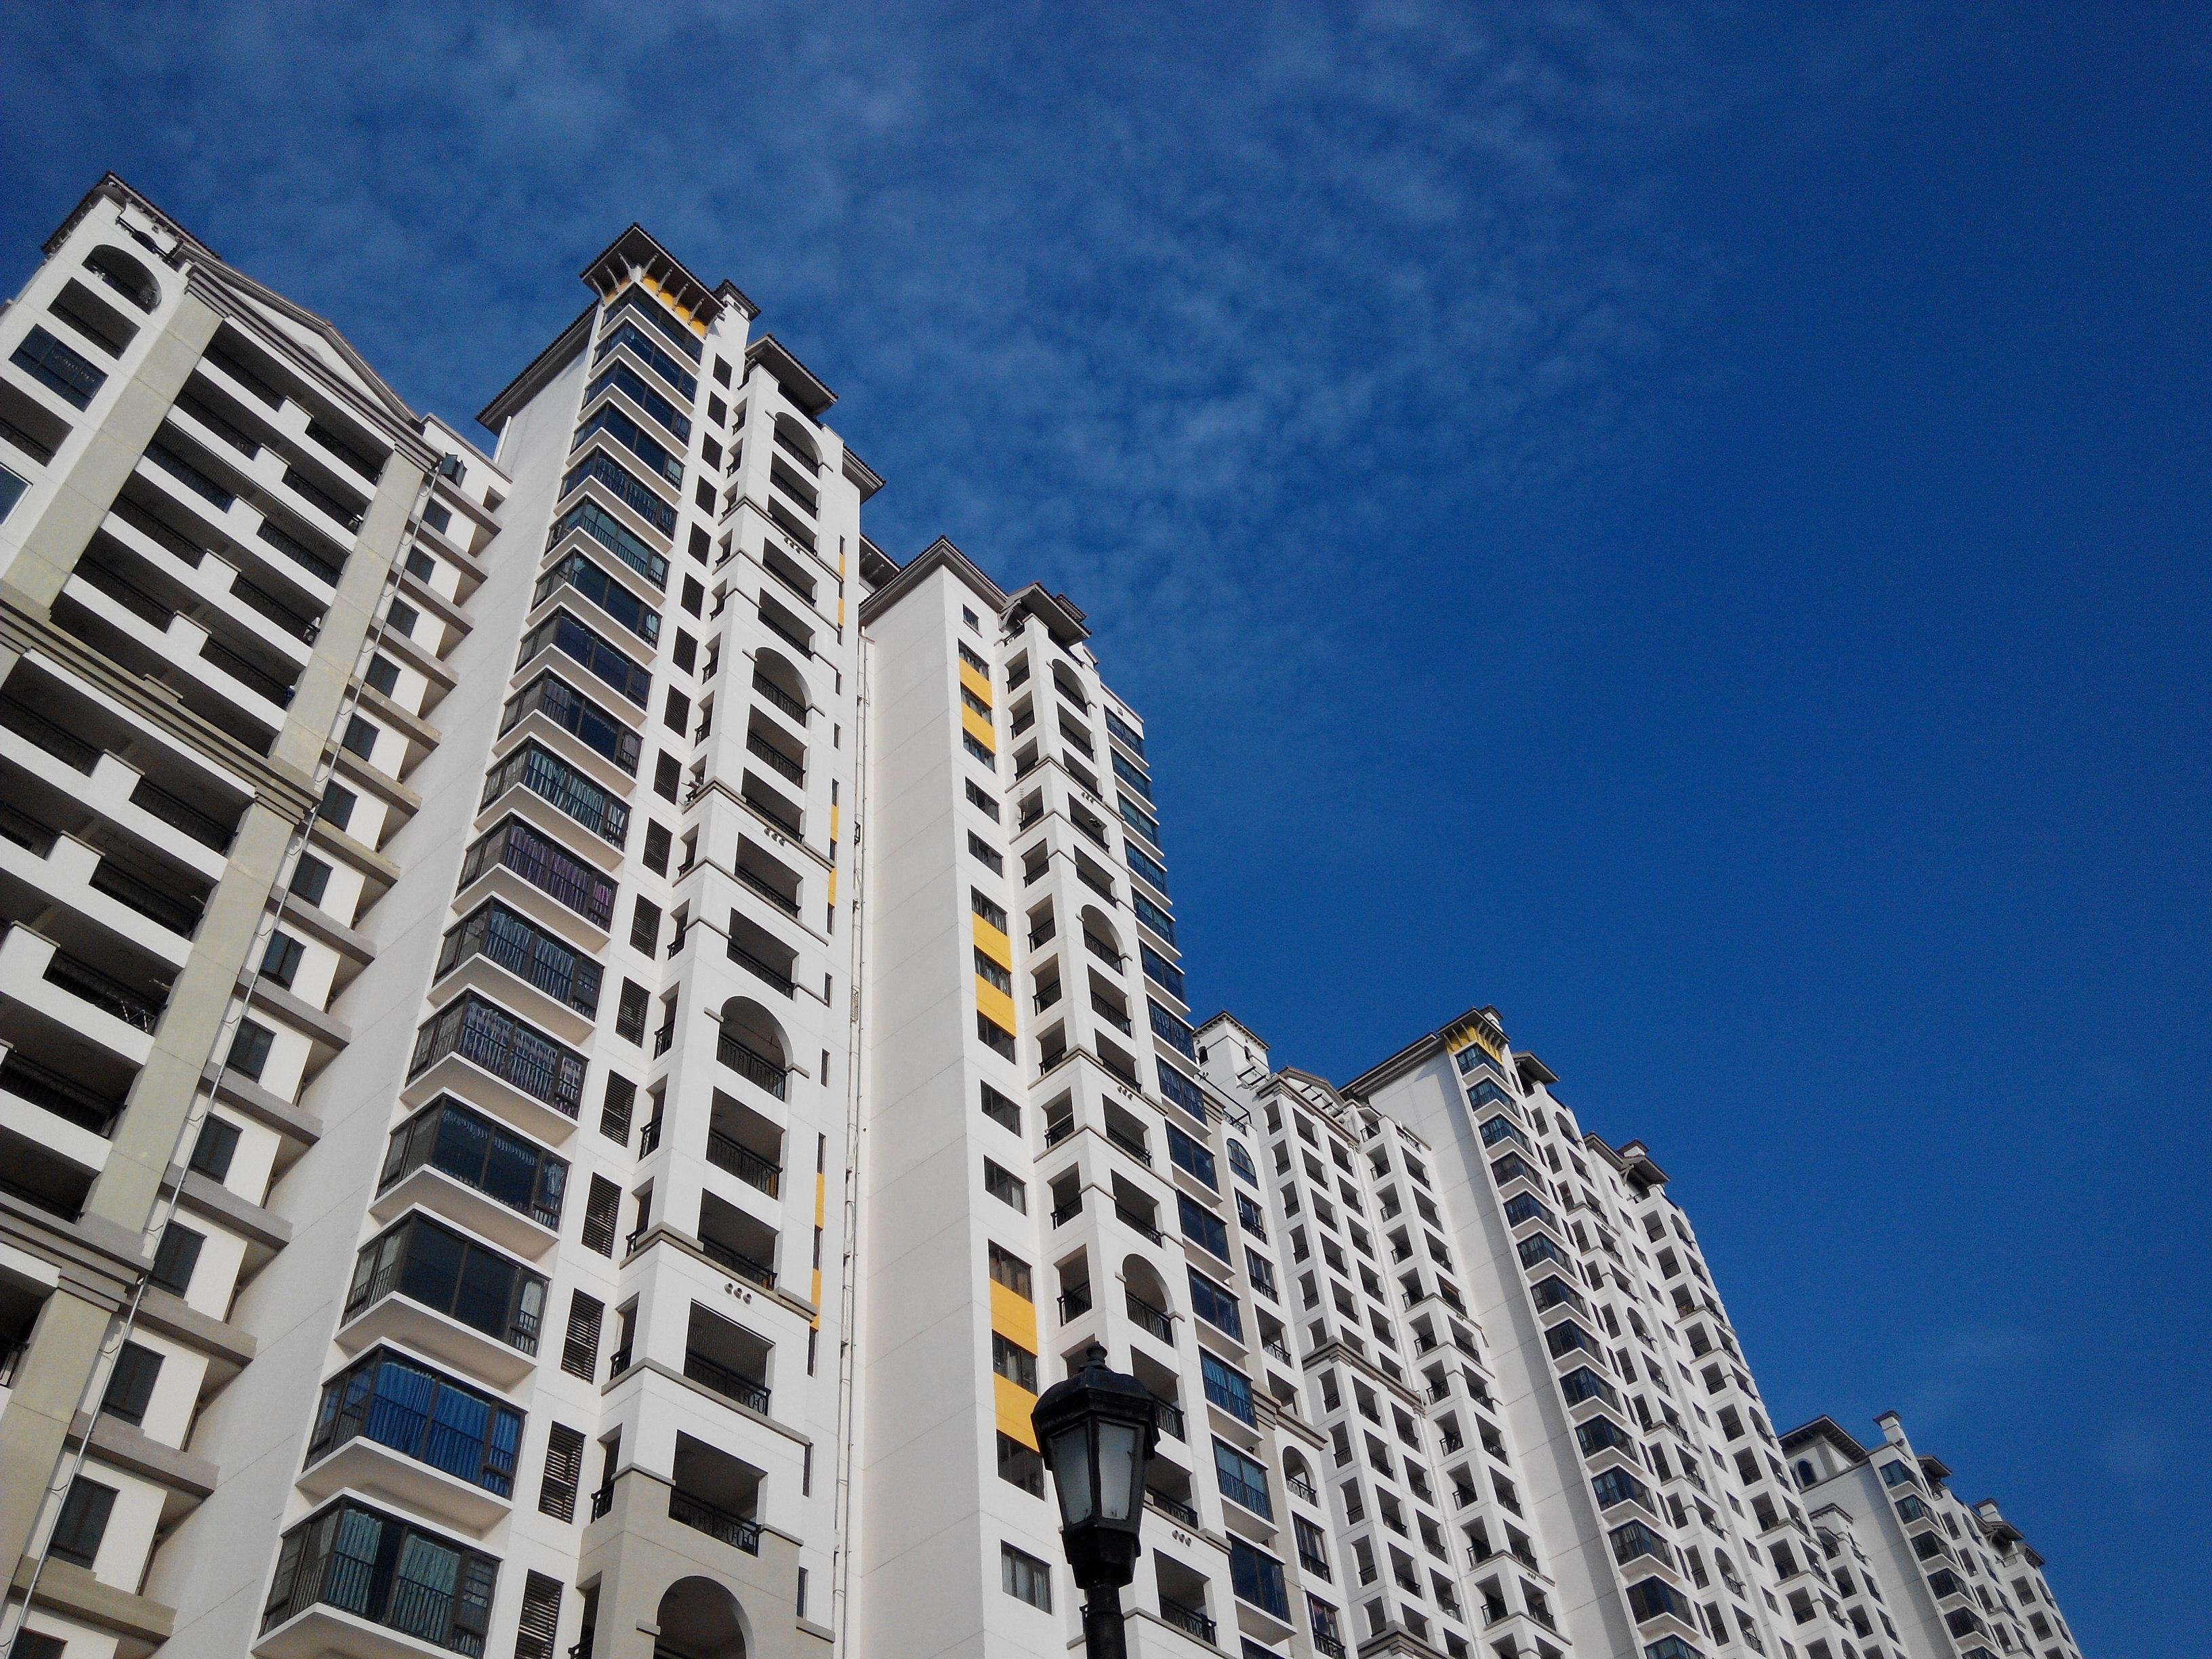 惠州万科双月湾月明度假公寓酒店豪华日出内海景房